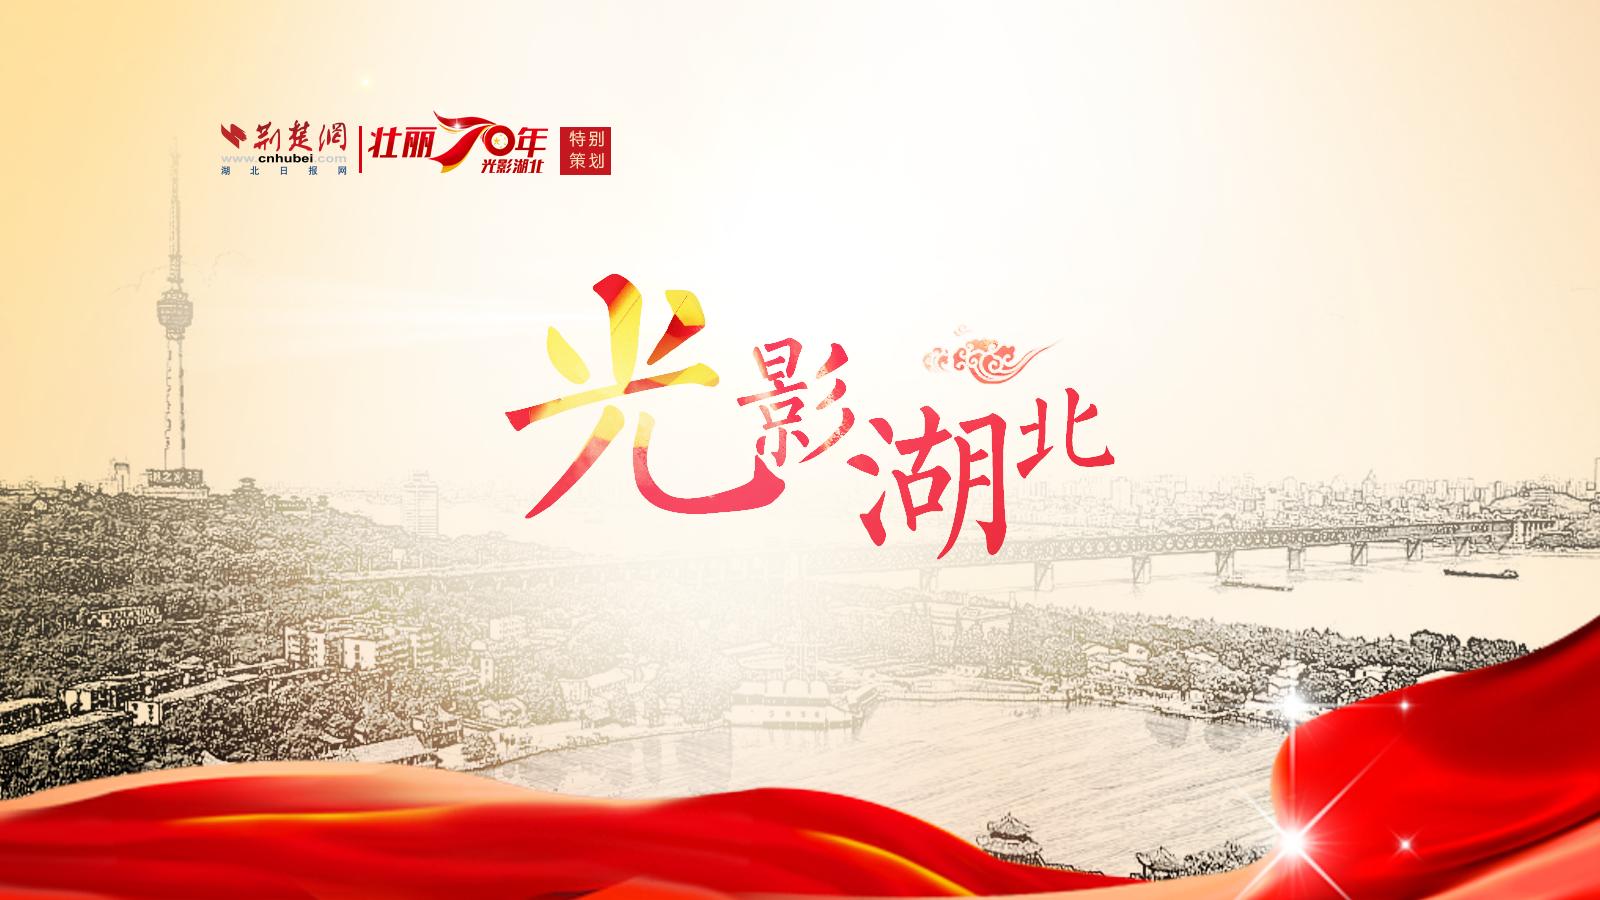 【壮丽70年·光影湖北】7部纪录片见证荆楚沧桑巨变